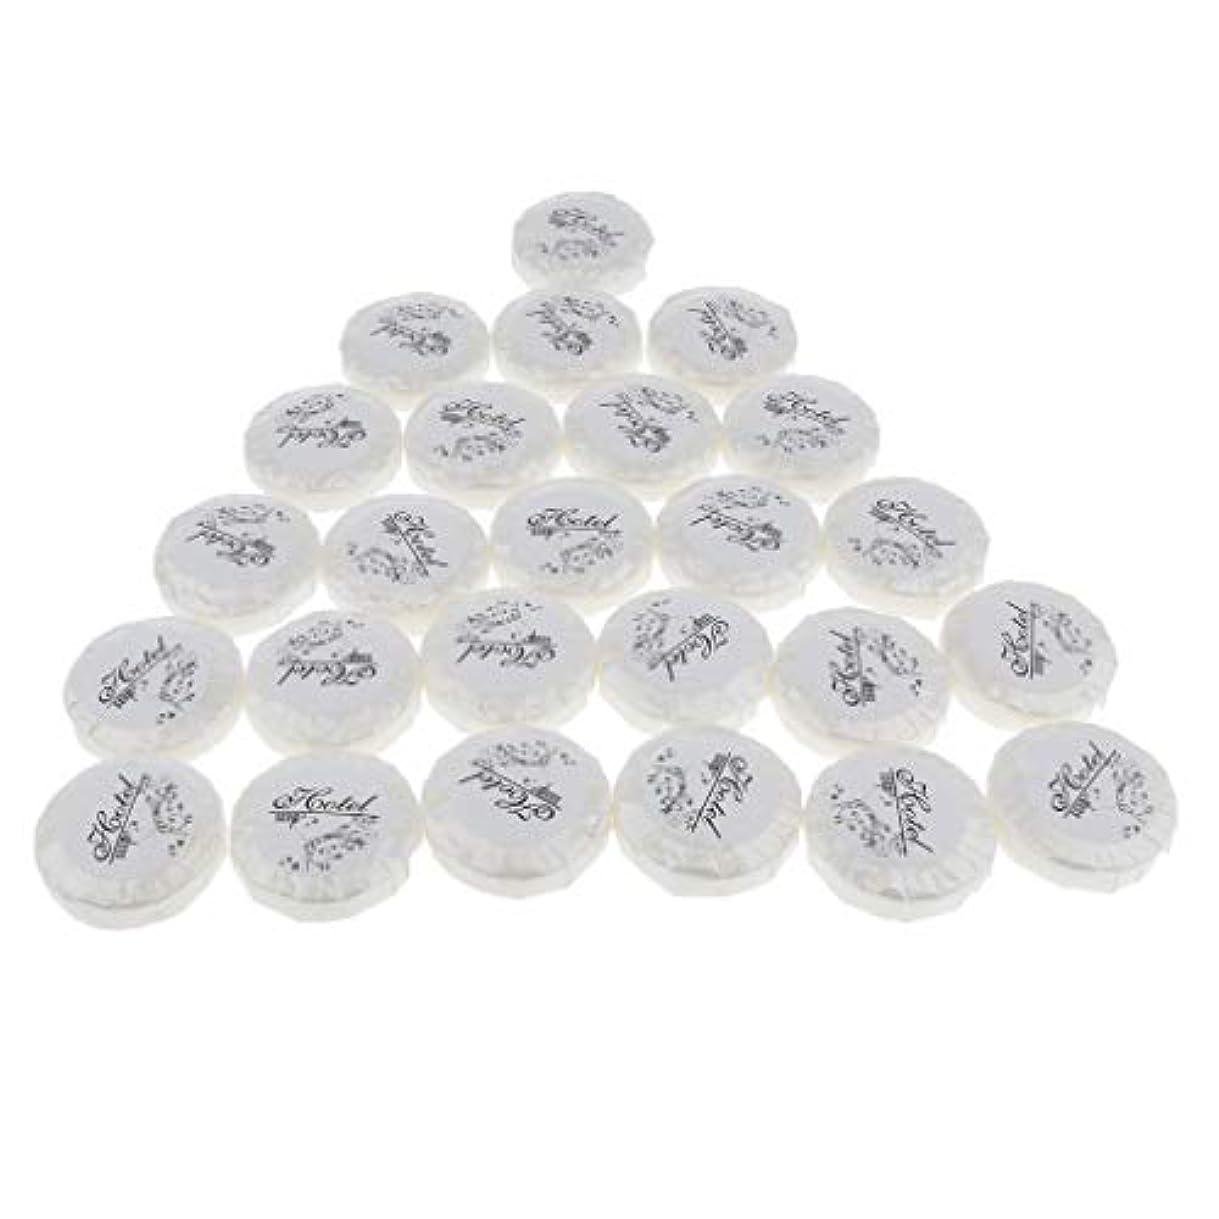 Hellery 石鹸 無添加 洗顔石鹸 植物油 軽い香り 清潔 リフレッシュ ミニサイズ 携帯 旅行用 約150個 - 11g